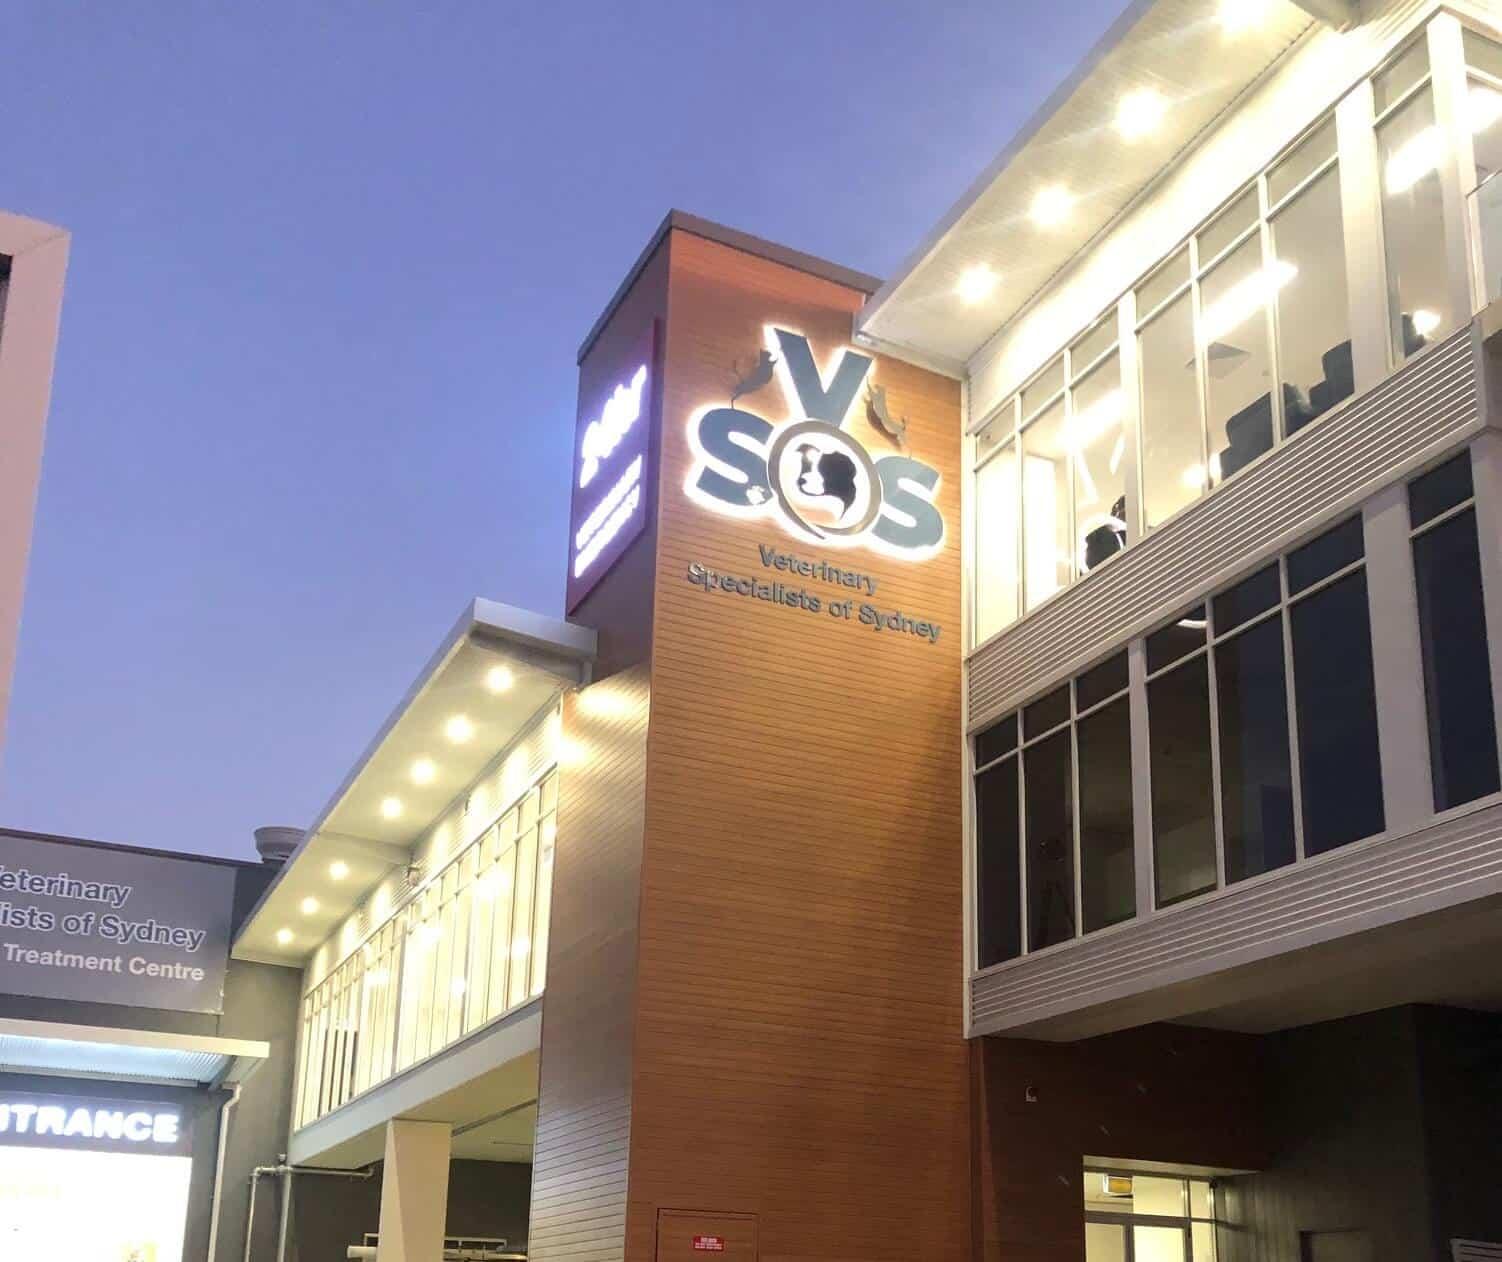 VSOS_external